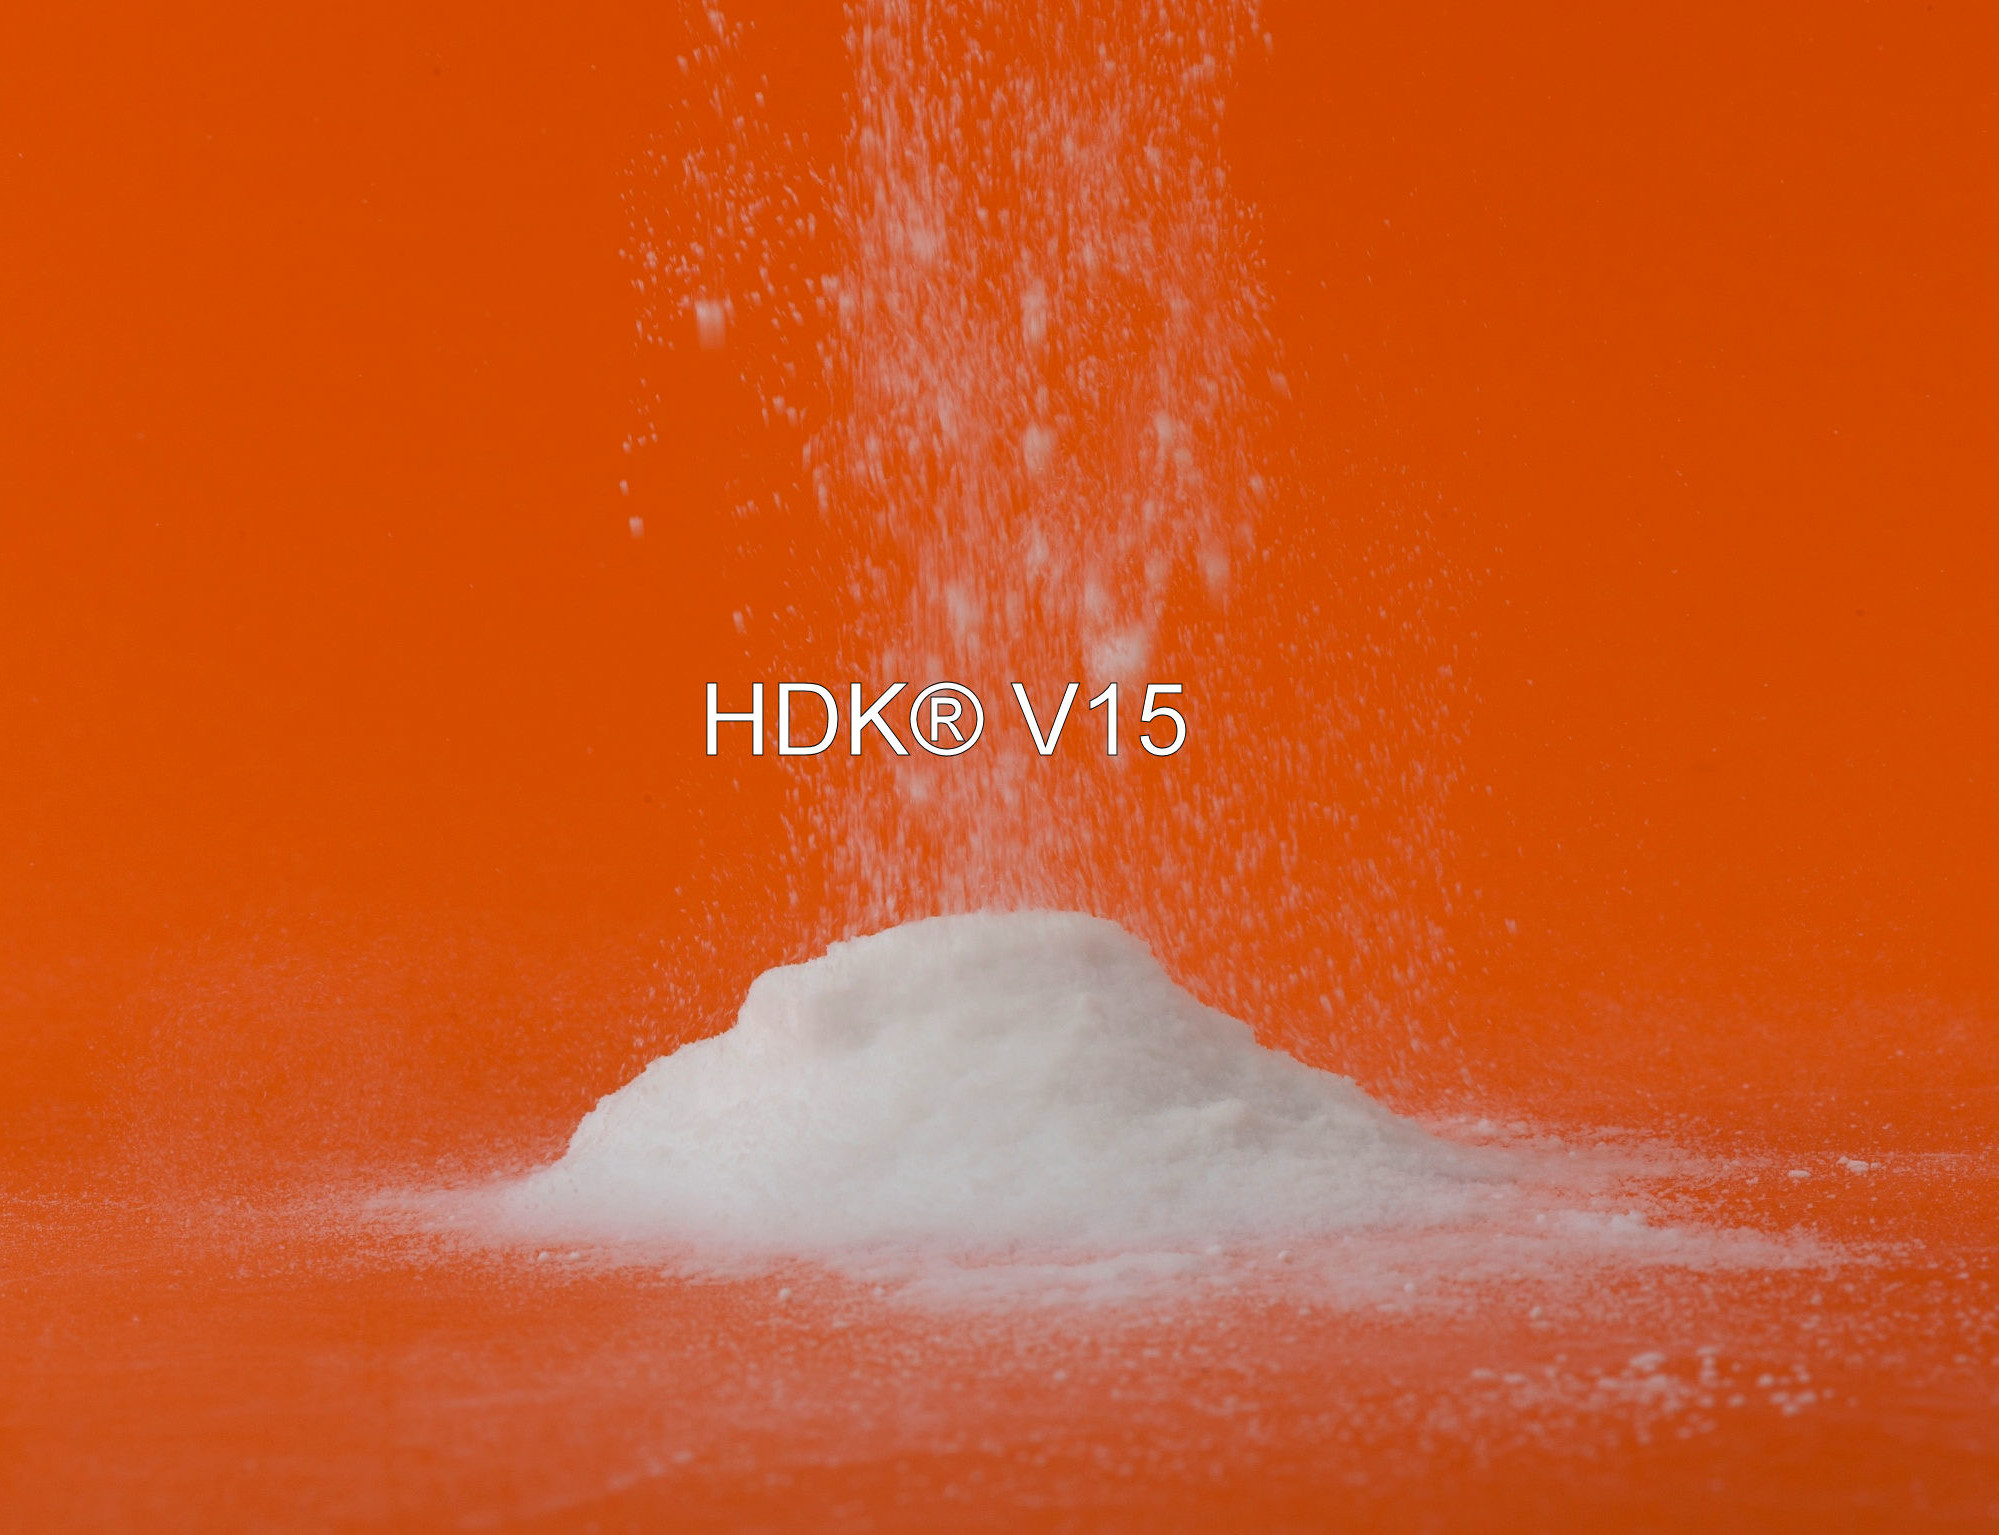 HDK® V15